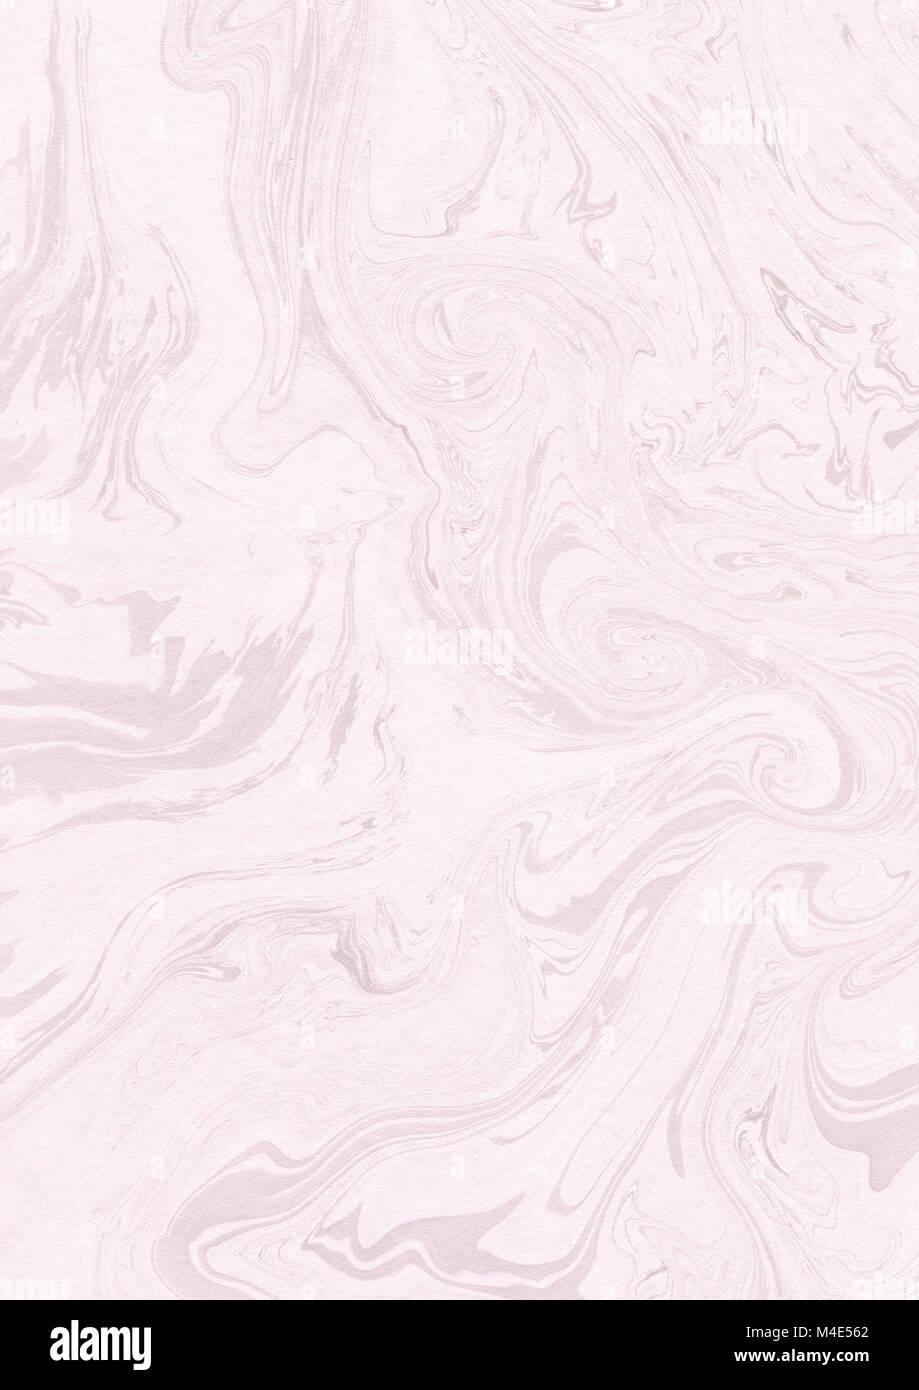 Il Moderno In Colori Pastello Di Marmo Rosa Texture Di Sfondo Della